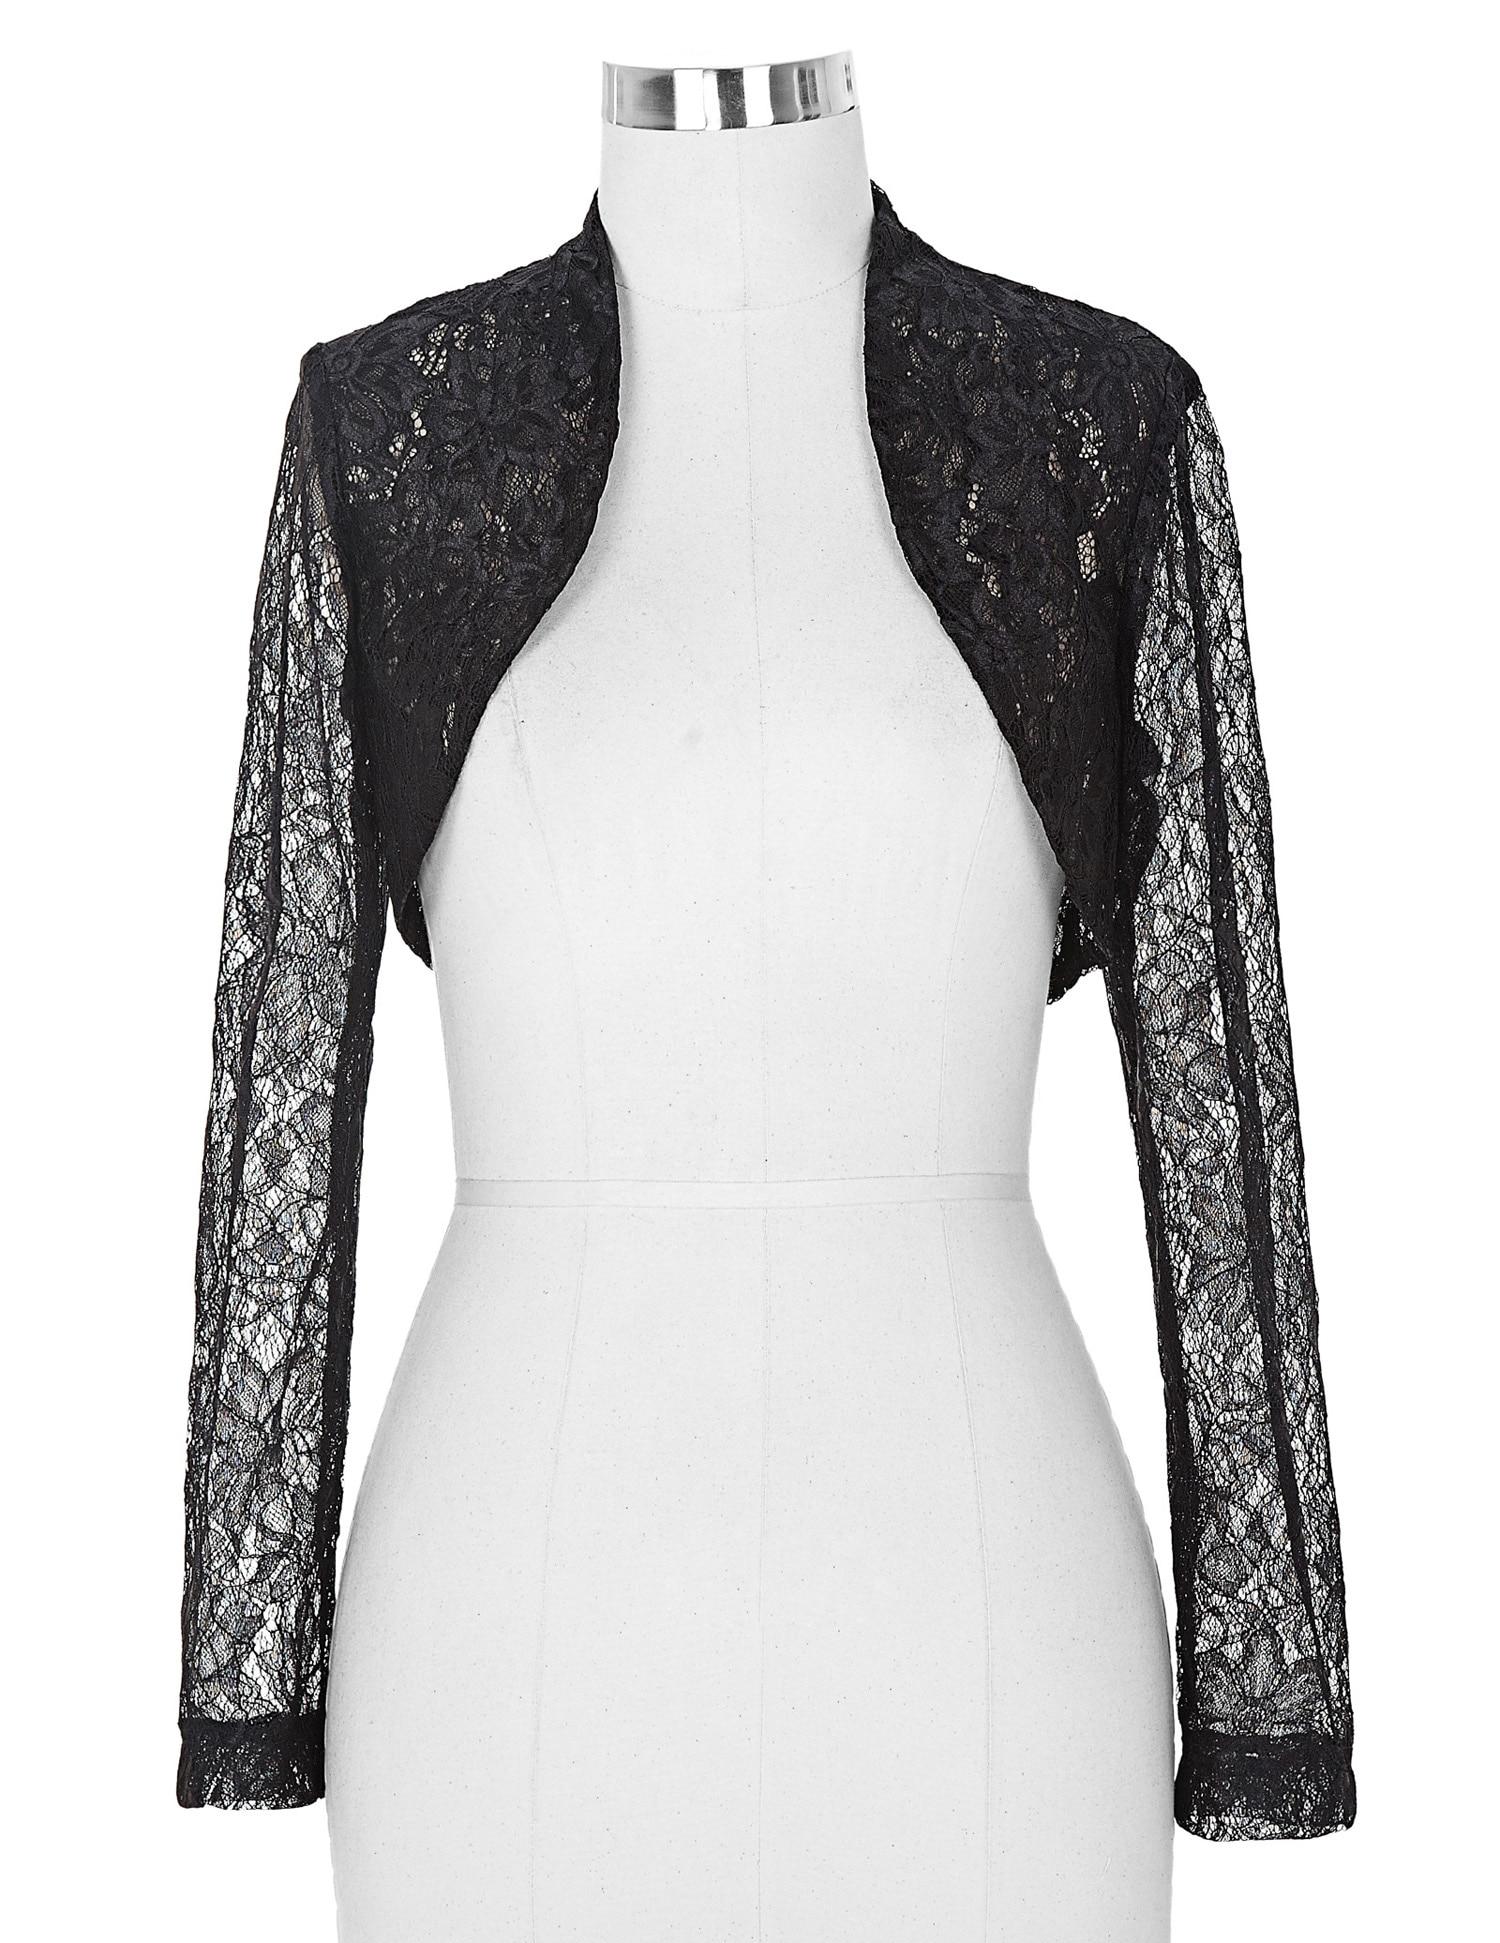 Sexy Black White Lace Bolero Elegant Ladies Shrug Long Sleeve Plus Size Wedding Evening Prom Cropped Lace Bolero Shrugs